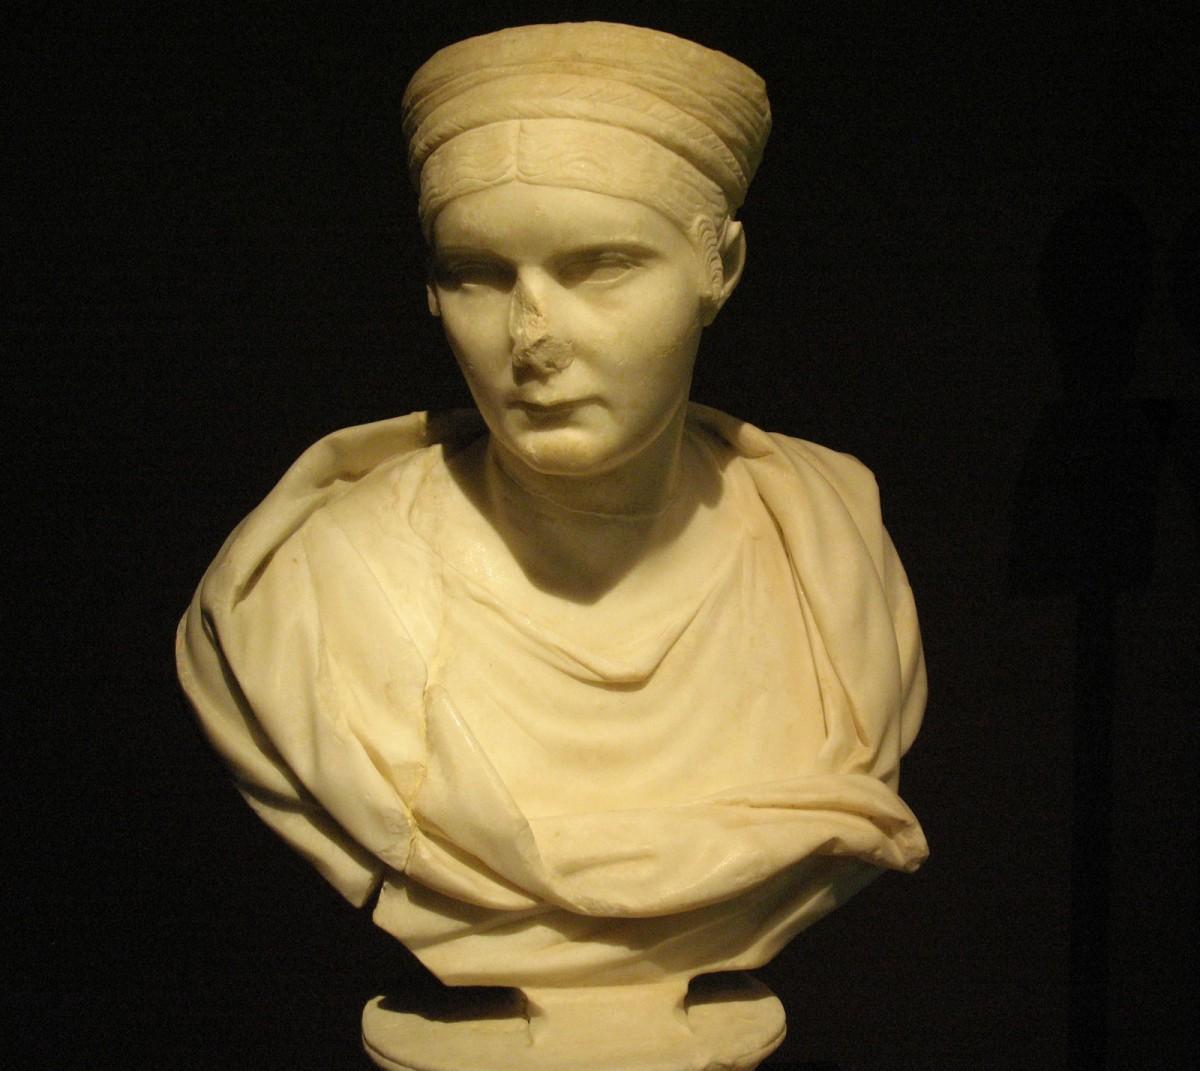 Εικ. 28. Προτομή της Σαβίνας, συζύγου του αυτοκράτορα Αδριανού. 128-137 μ.Χ. Πόλη της Χίου (Αγ. Ιάκωβος - οικόπεδο Λουτράρη).